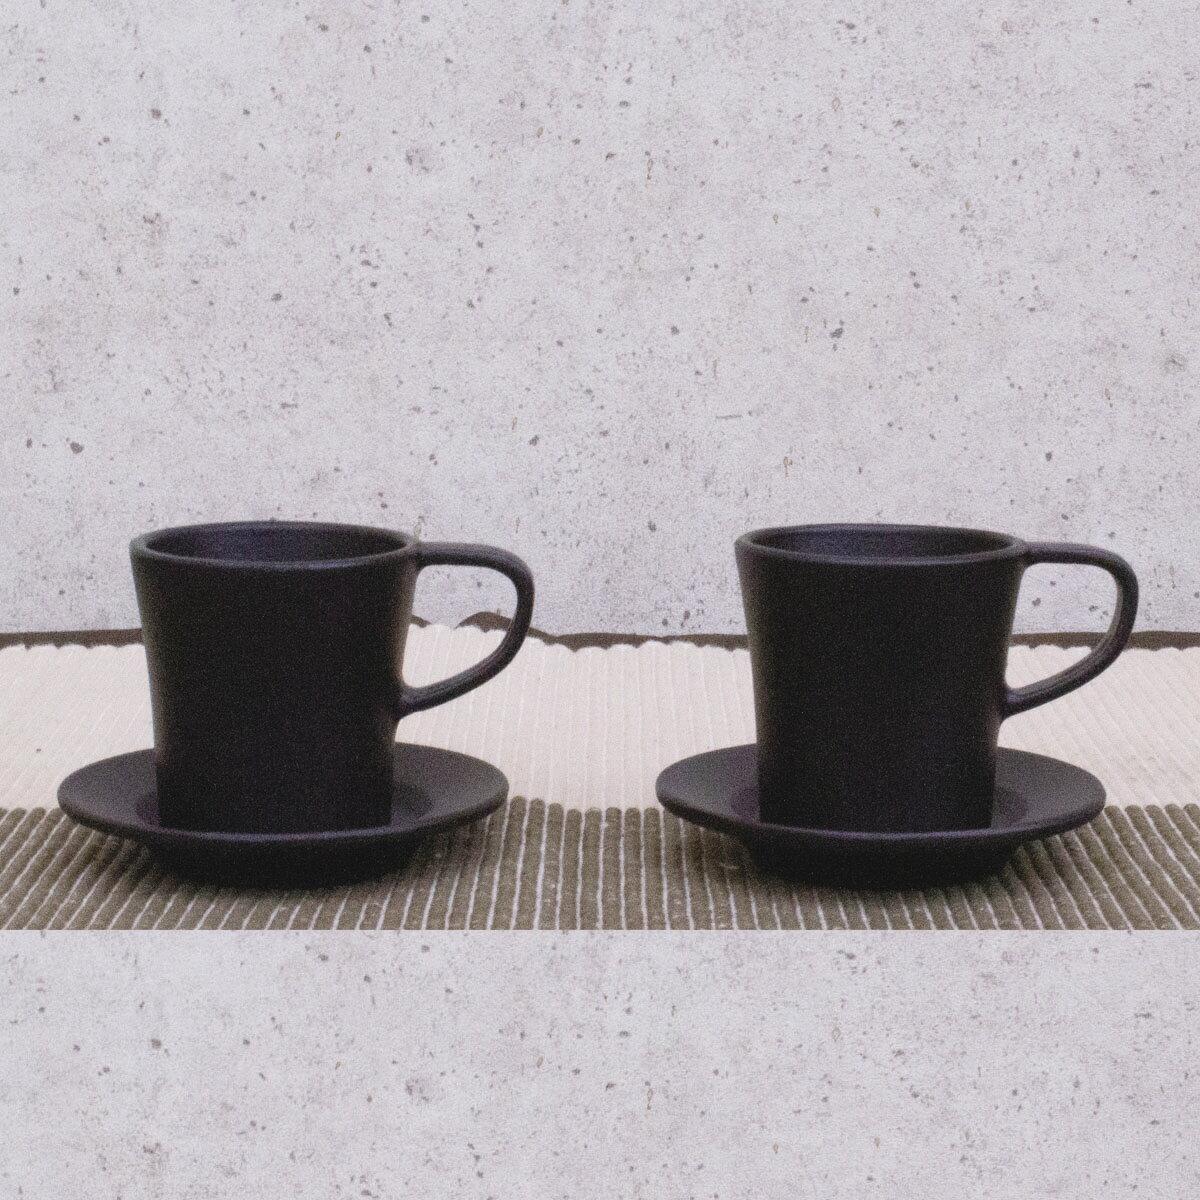 【ふるさと納税】 桑原鋳工 鋳物製エスプレッソカップペアセット